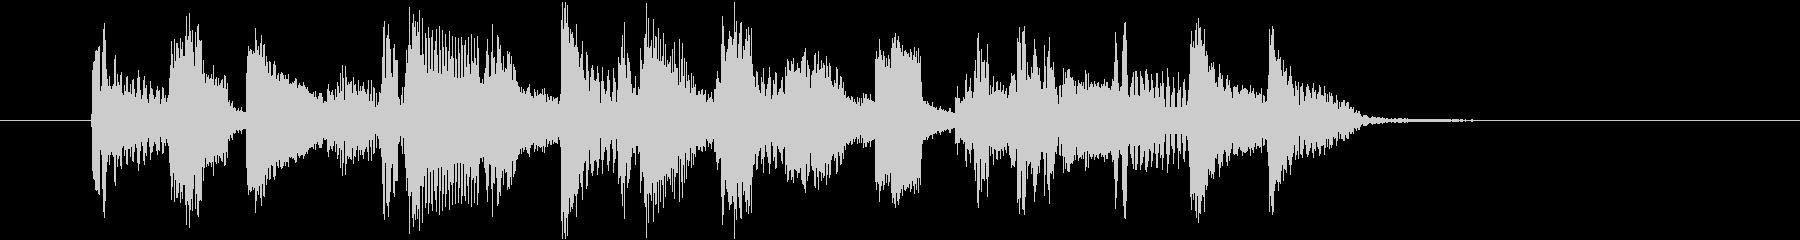 【生演奏】大人のSax効果音18の未再生の波形